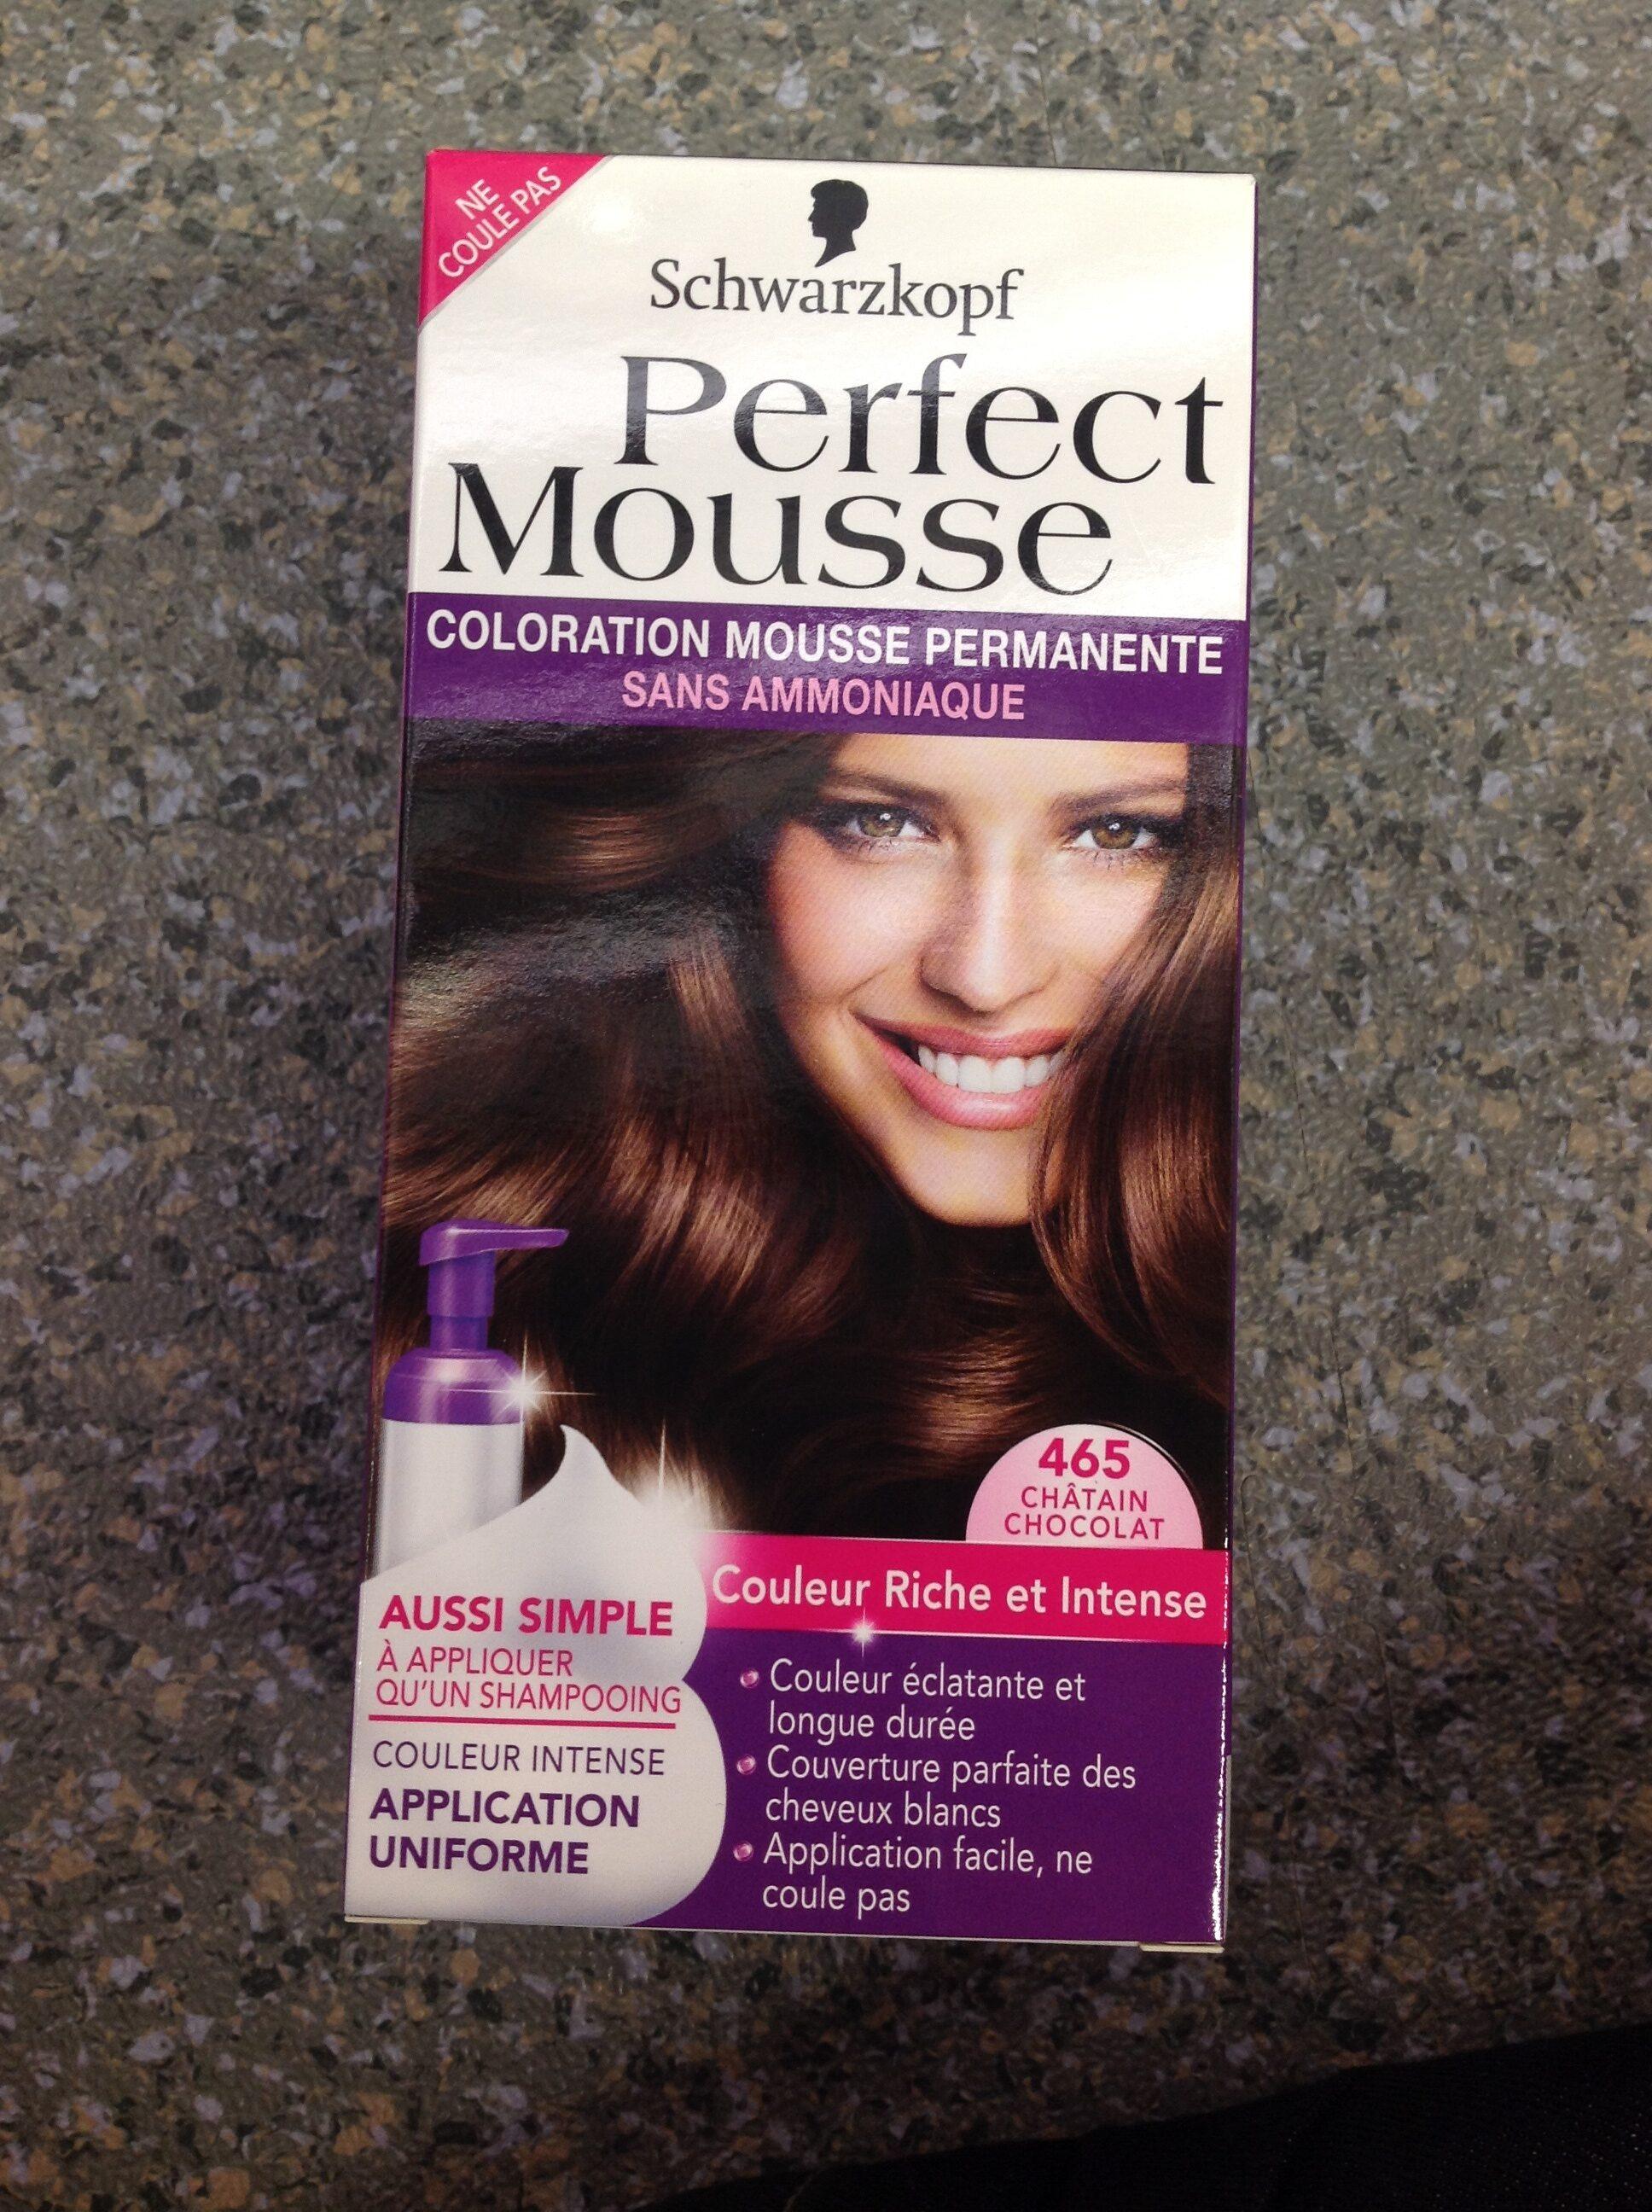 Perfect Mousse Coloration châtain 500 - Product - fr